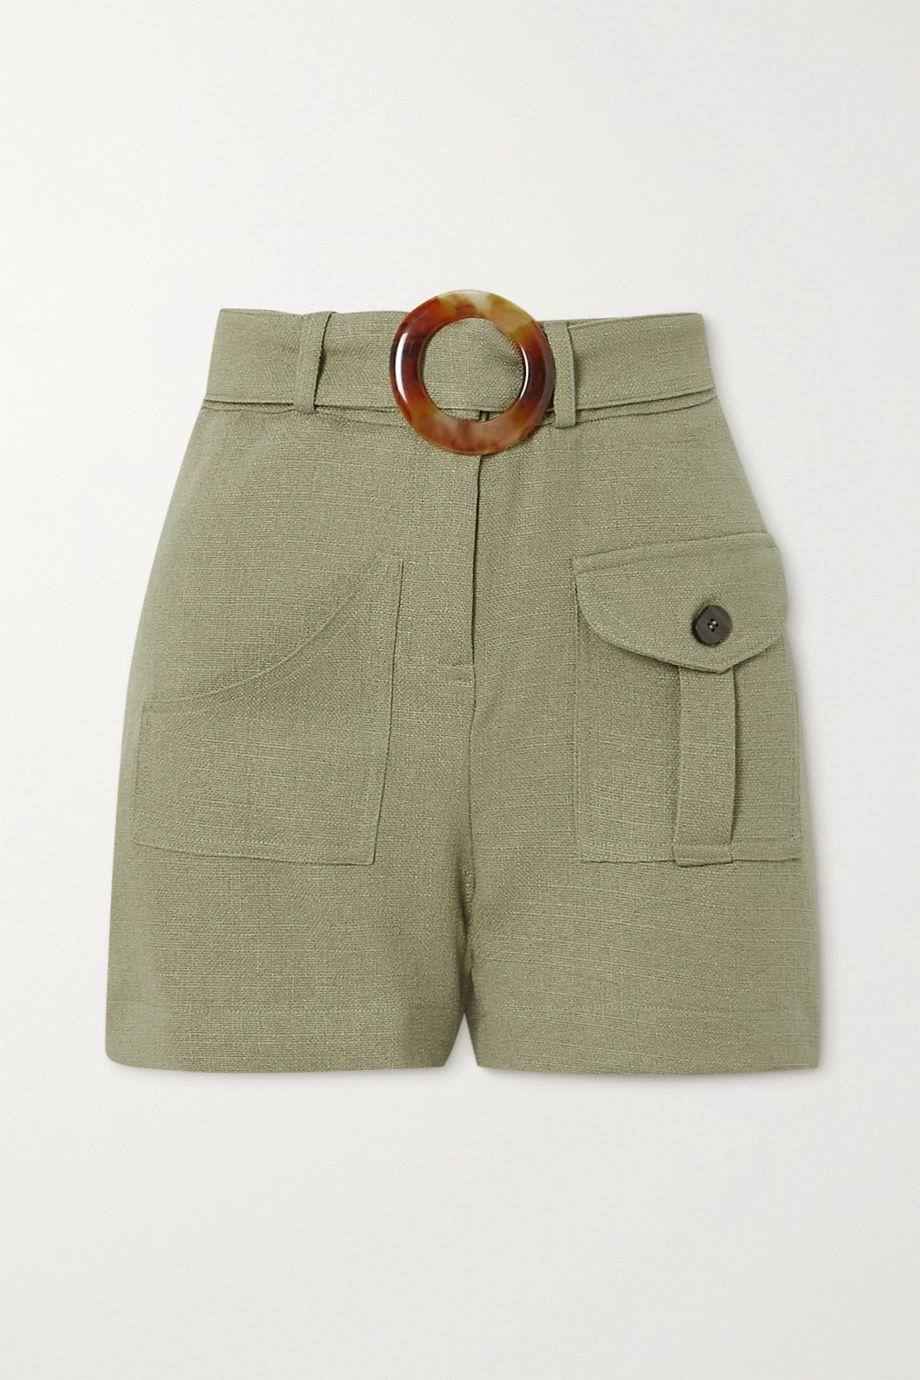 PatBO Belted gauze shorts